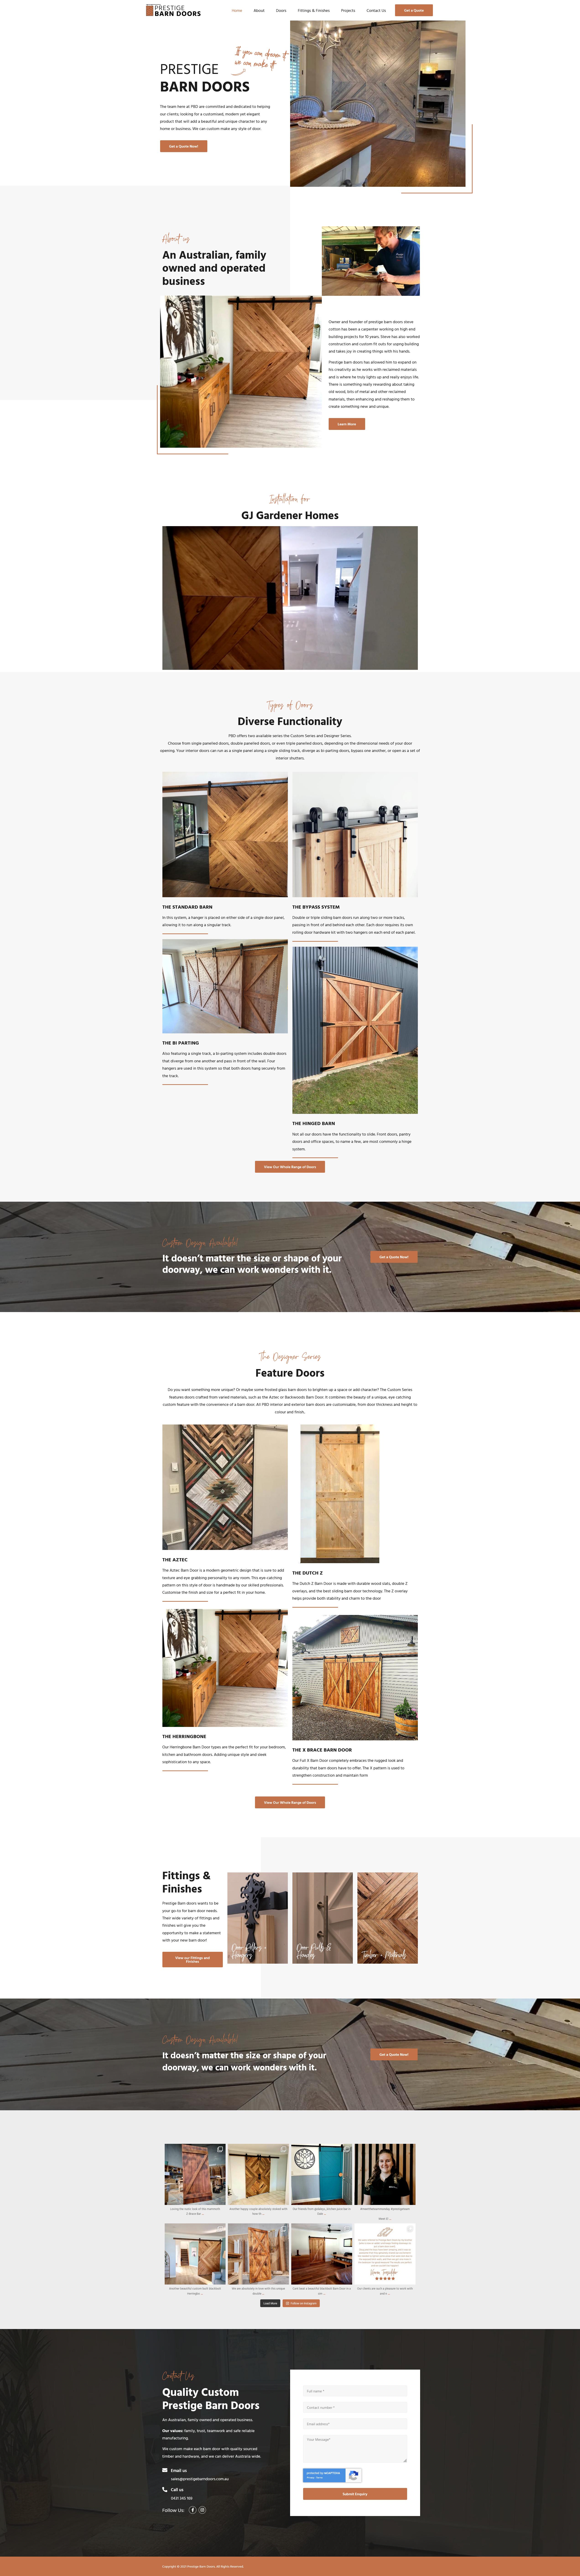 Prestige Barn Doors -